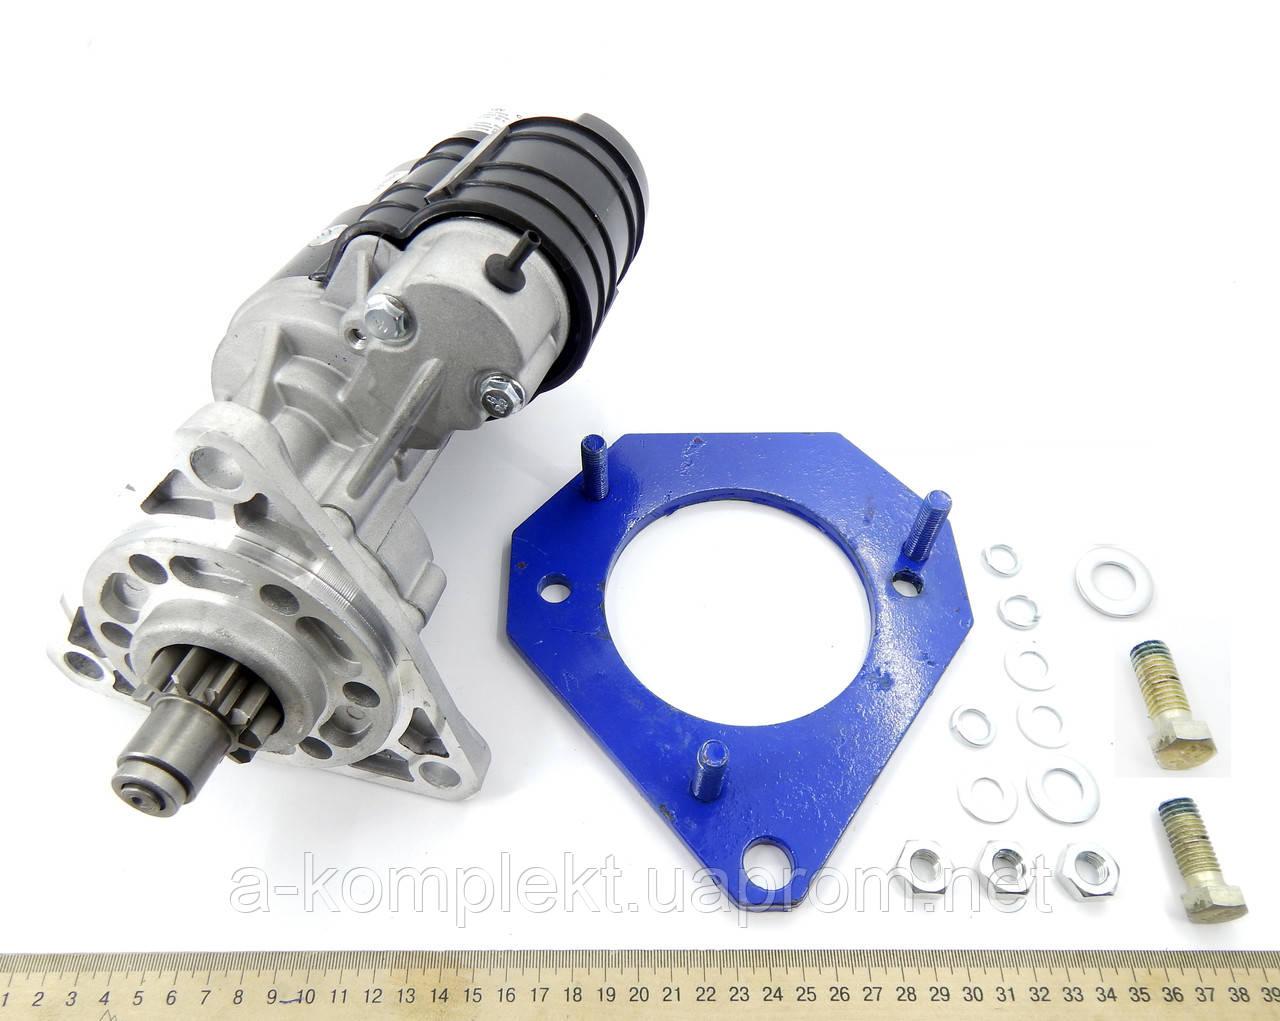 Комплект переоборудования МТЗ с ПД-10 на Стартер Словак 12V (редукторный) 3,5 кВт